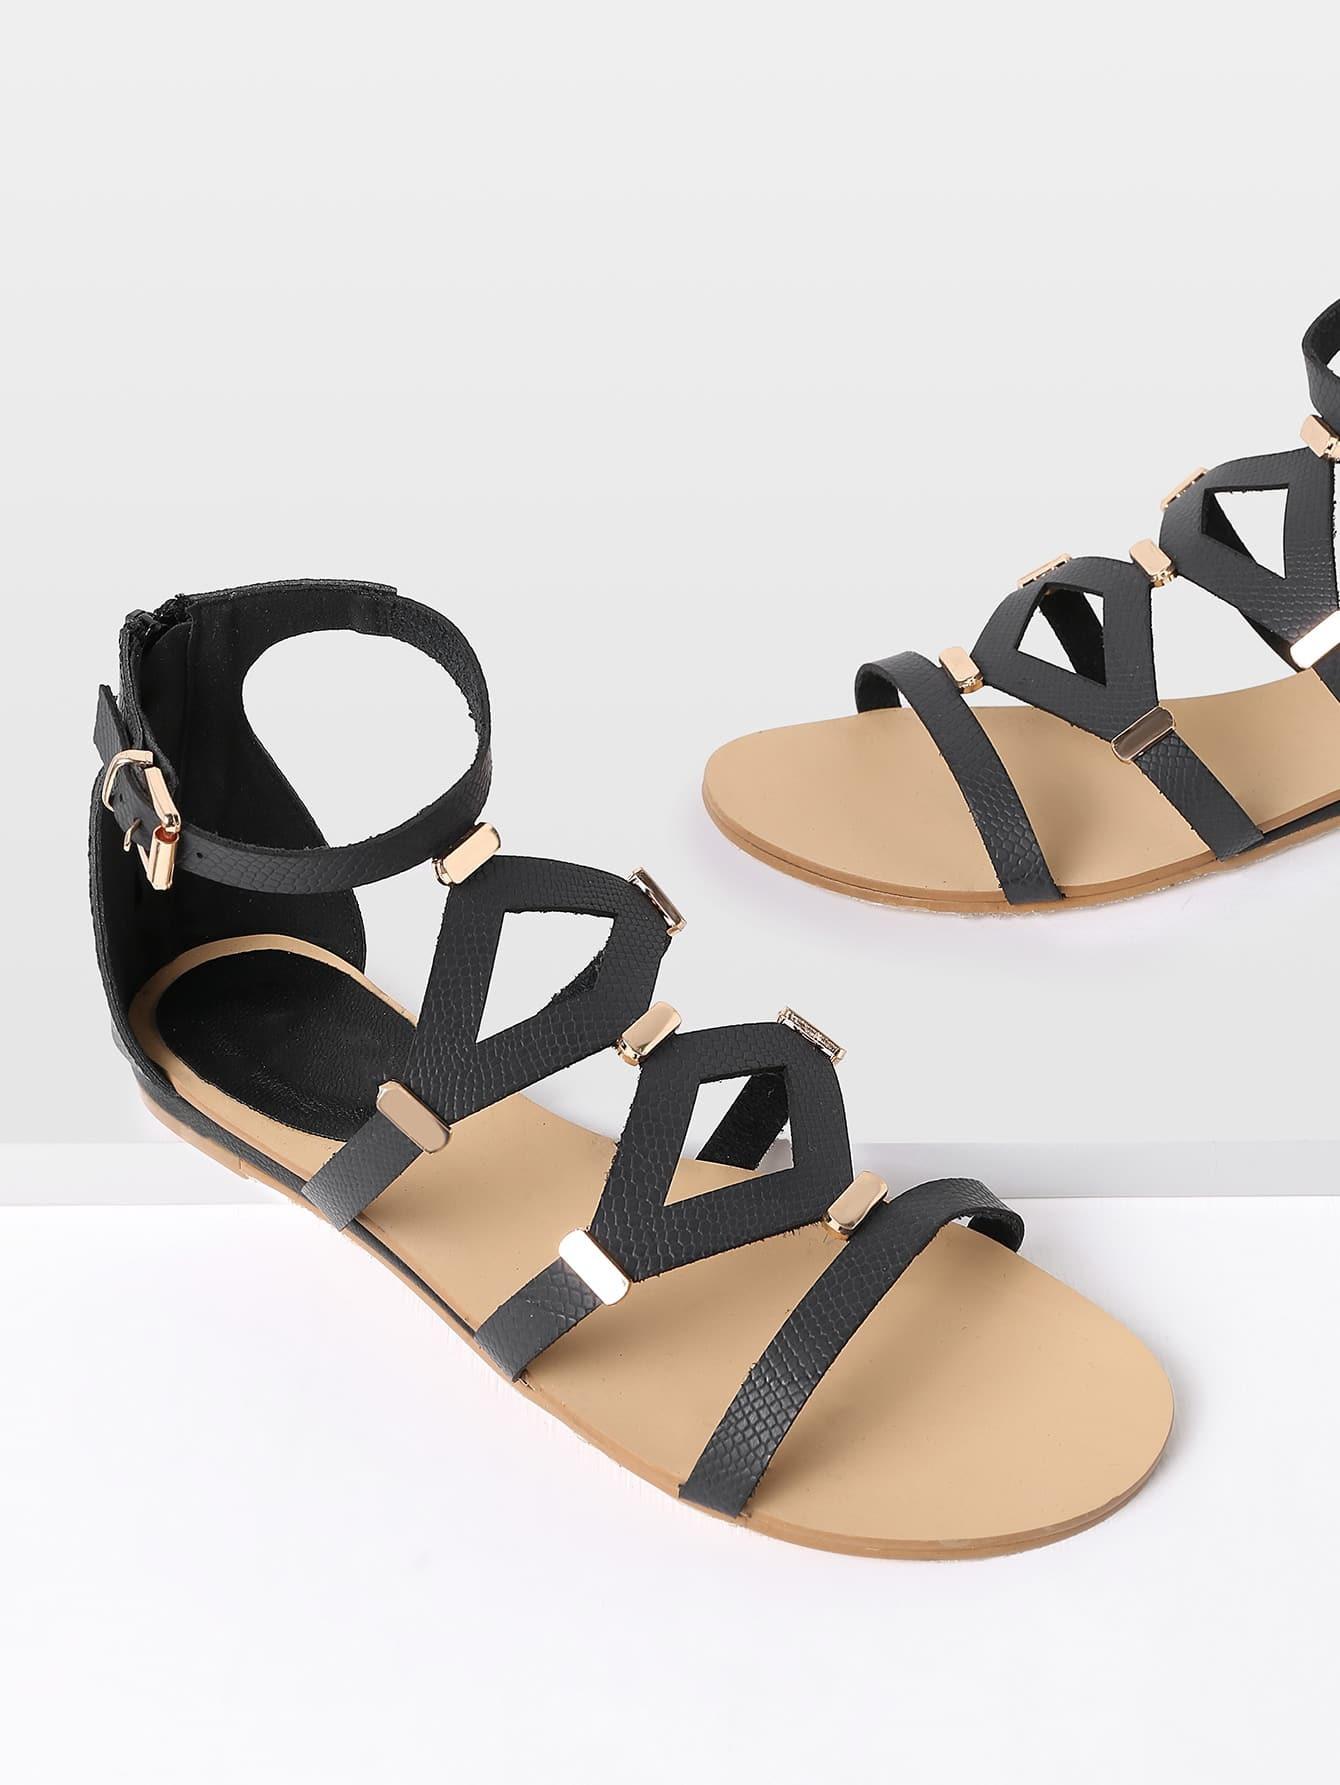 shoes170501810_2